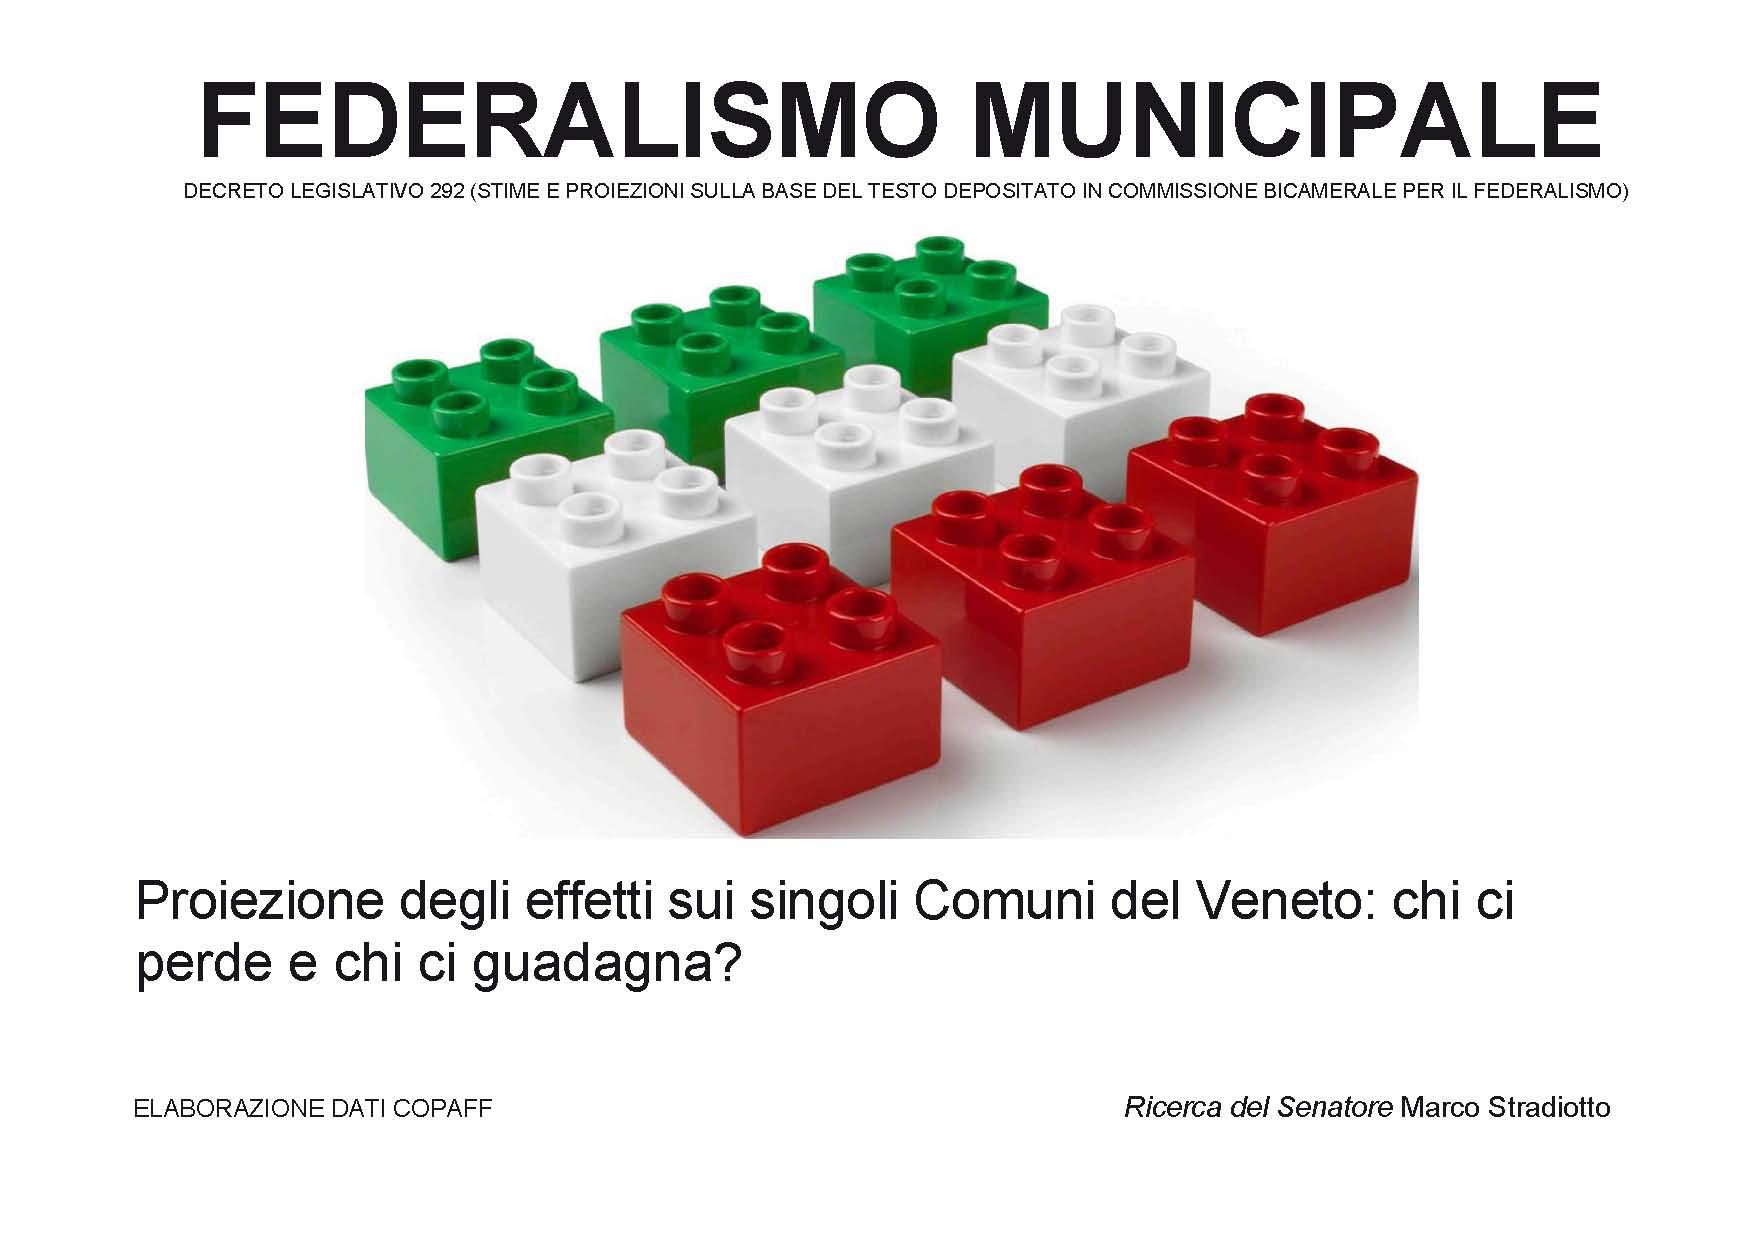 Federalismo immobiliare: Veneto spezzato